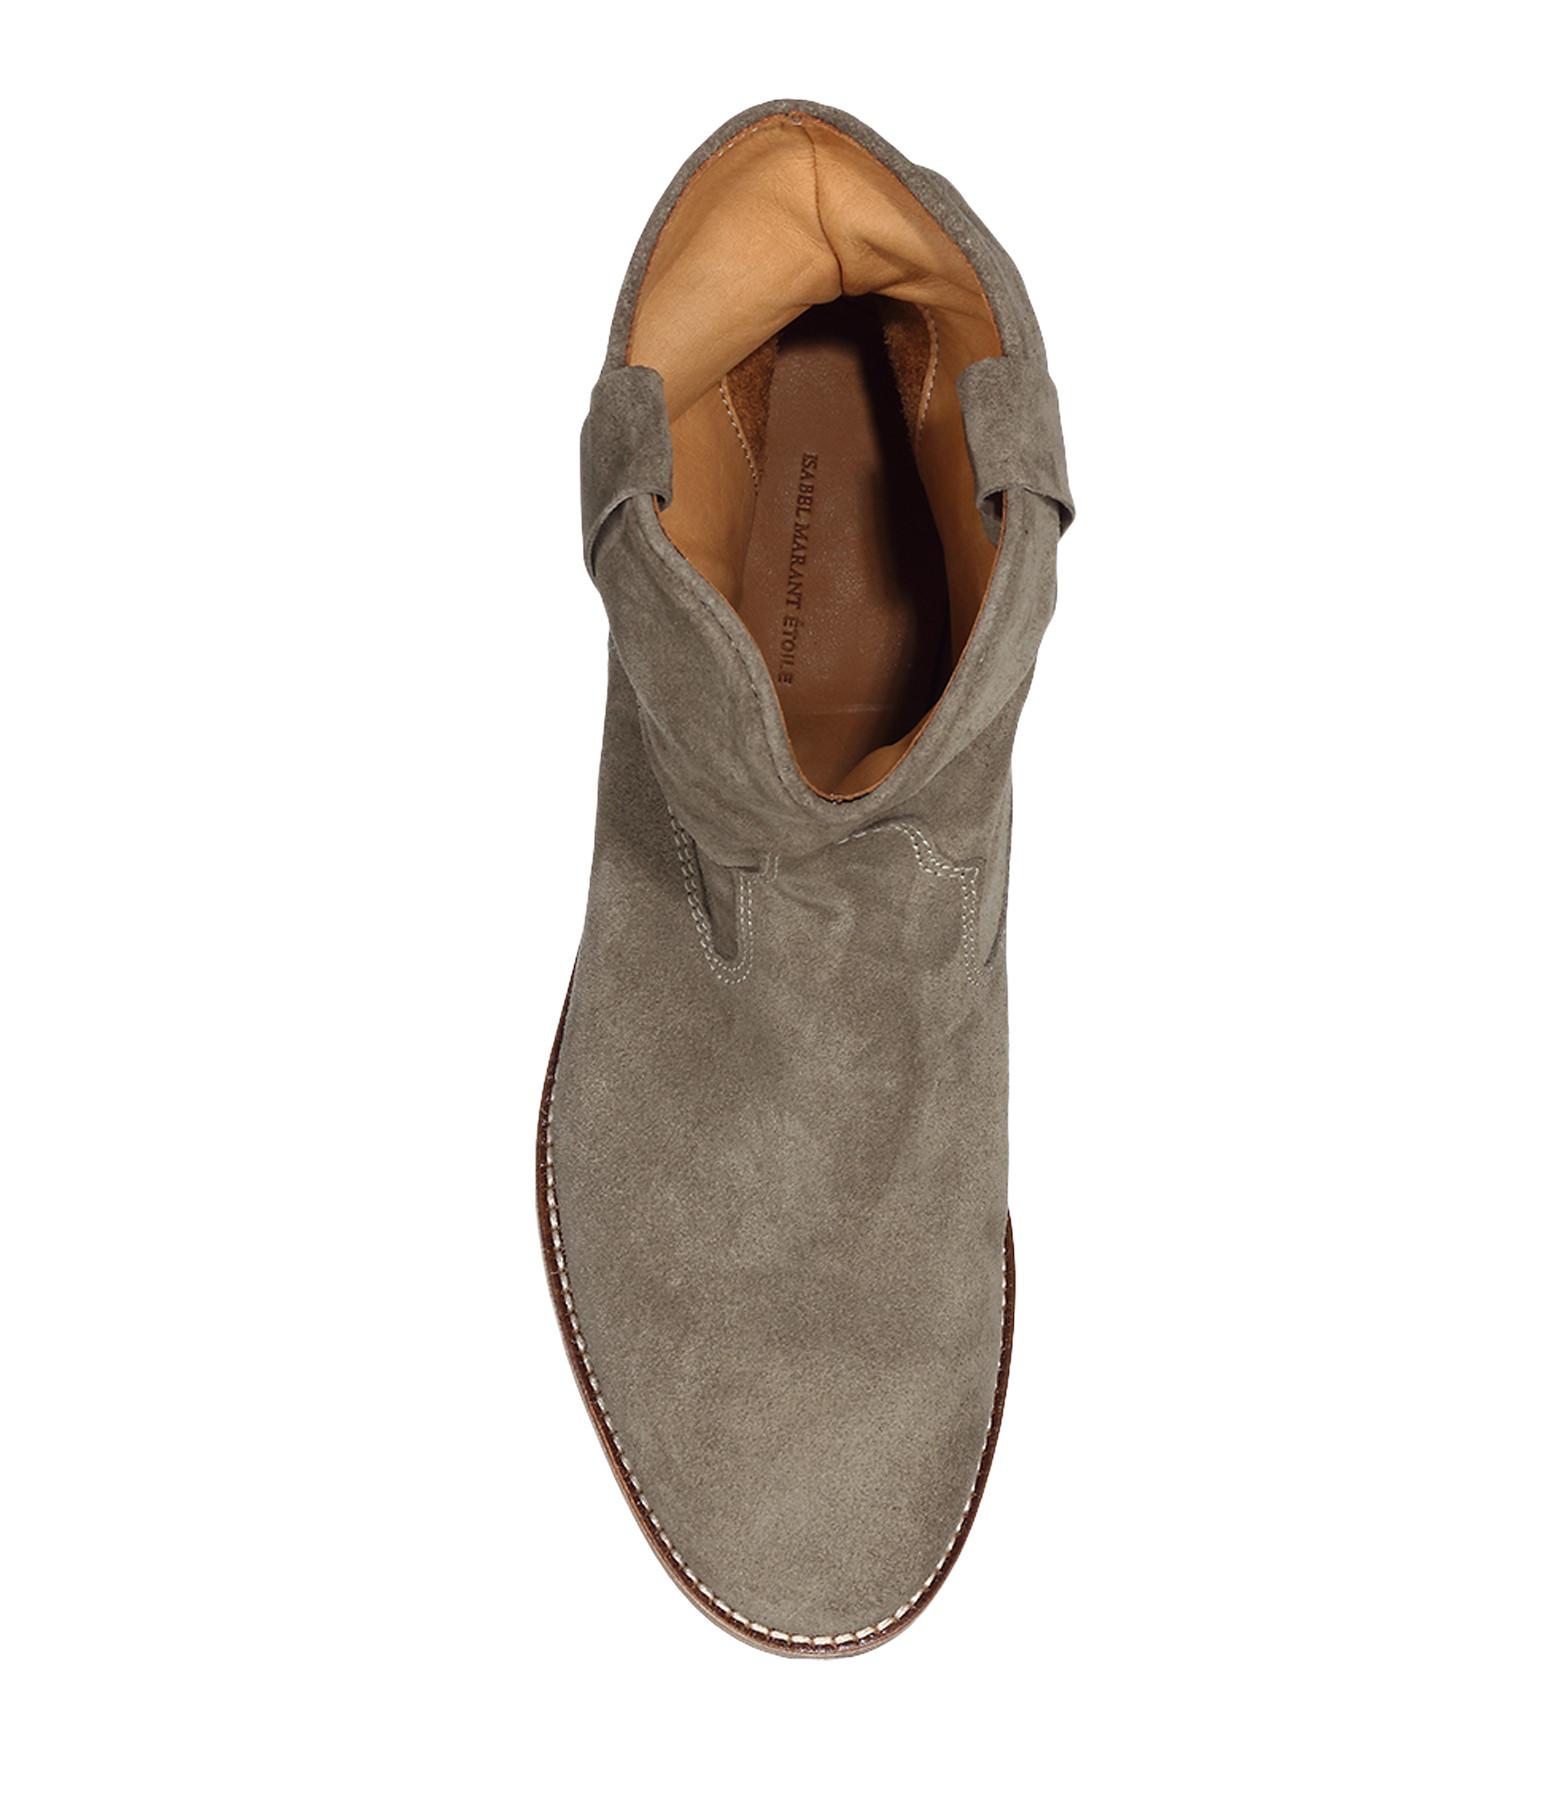 Boots Crisi Taupe - ISABEL MARANT ETOILE